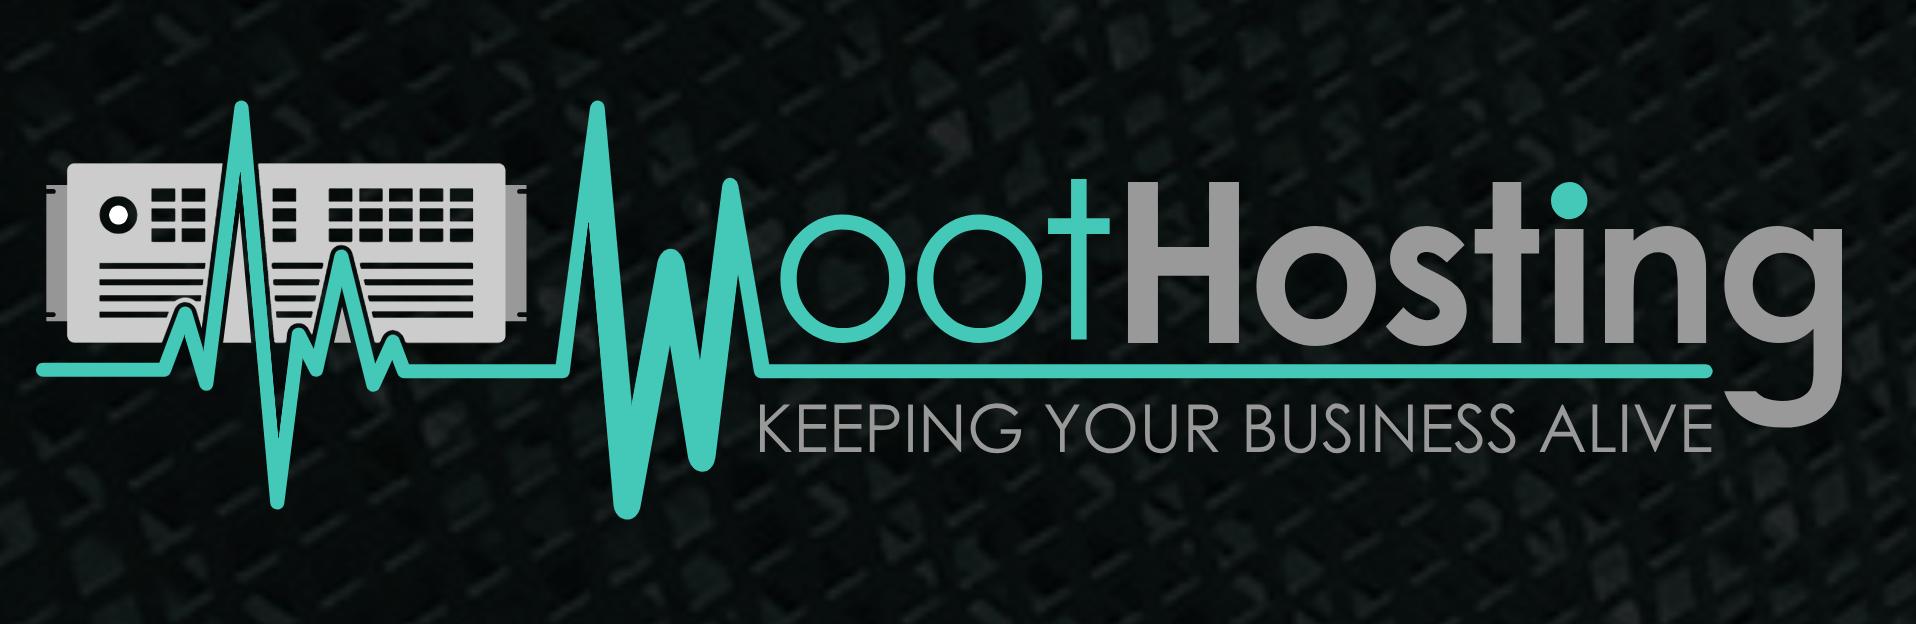 #年付11美元VPS# WootHosting 1GB内存,30GB存储,2TB月流量,1xIPv4,年付只需要11美元-洛杉矶、芝加哥、纽约